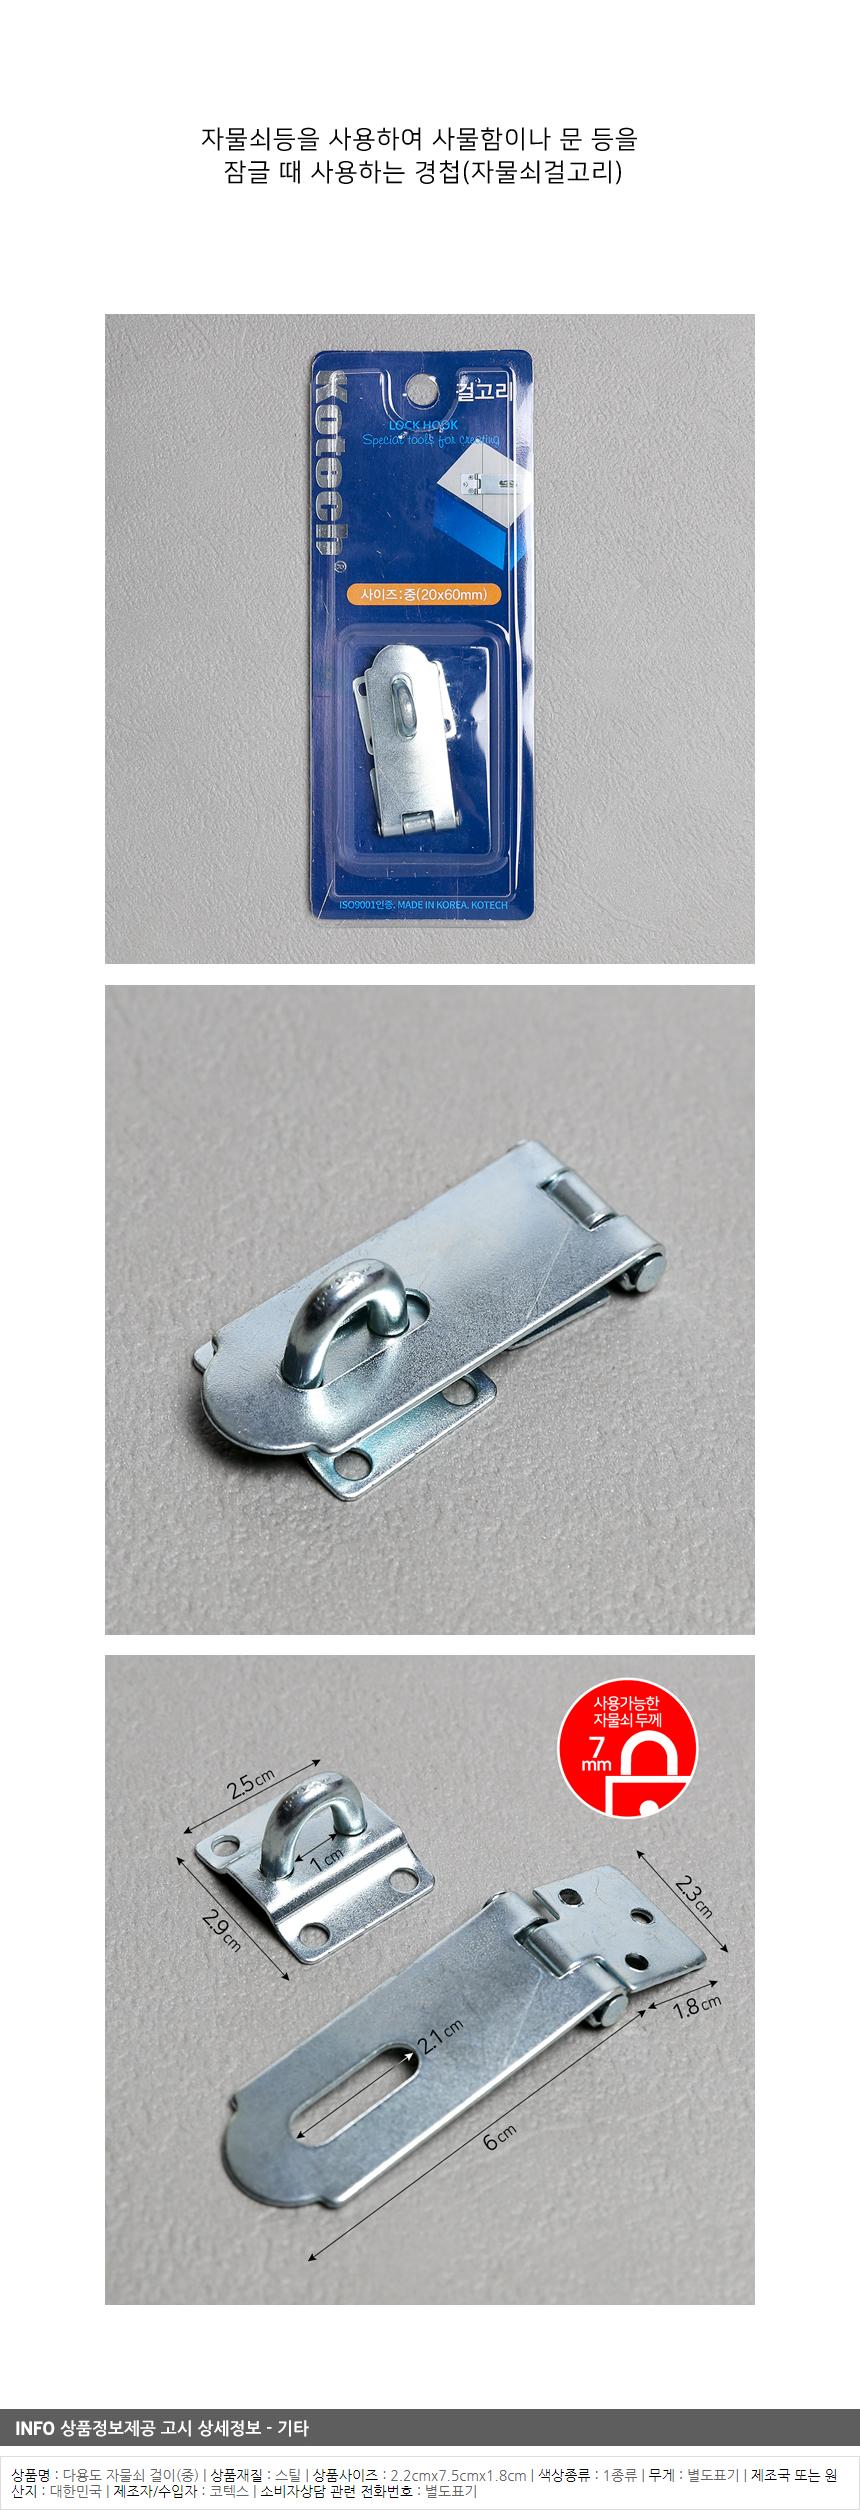 걸고리,문고리,경첩,자물쇠,잠금장치,자물쇠걸이,열쇠고리,좌물쇠고리